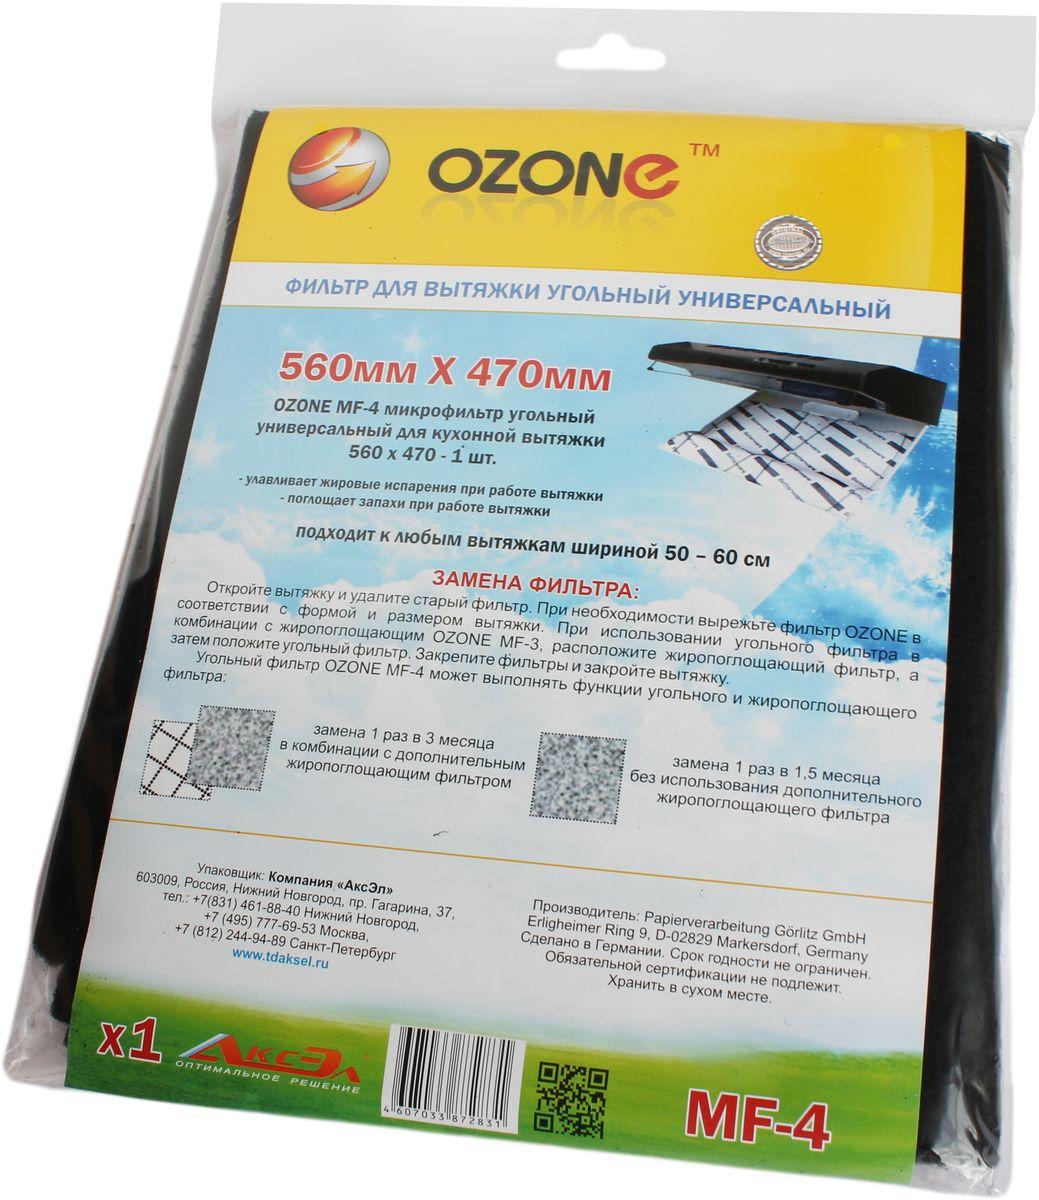 Ozone MF-4 микрофильтр для вытяжки угольный универсальный вытяжки